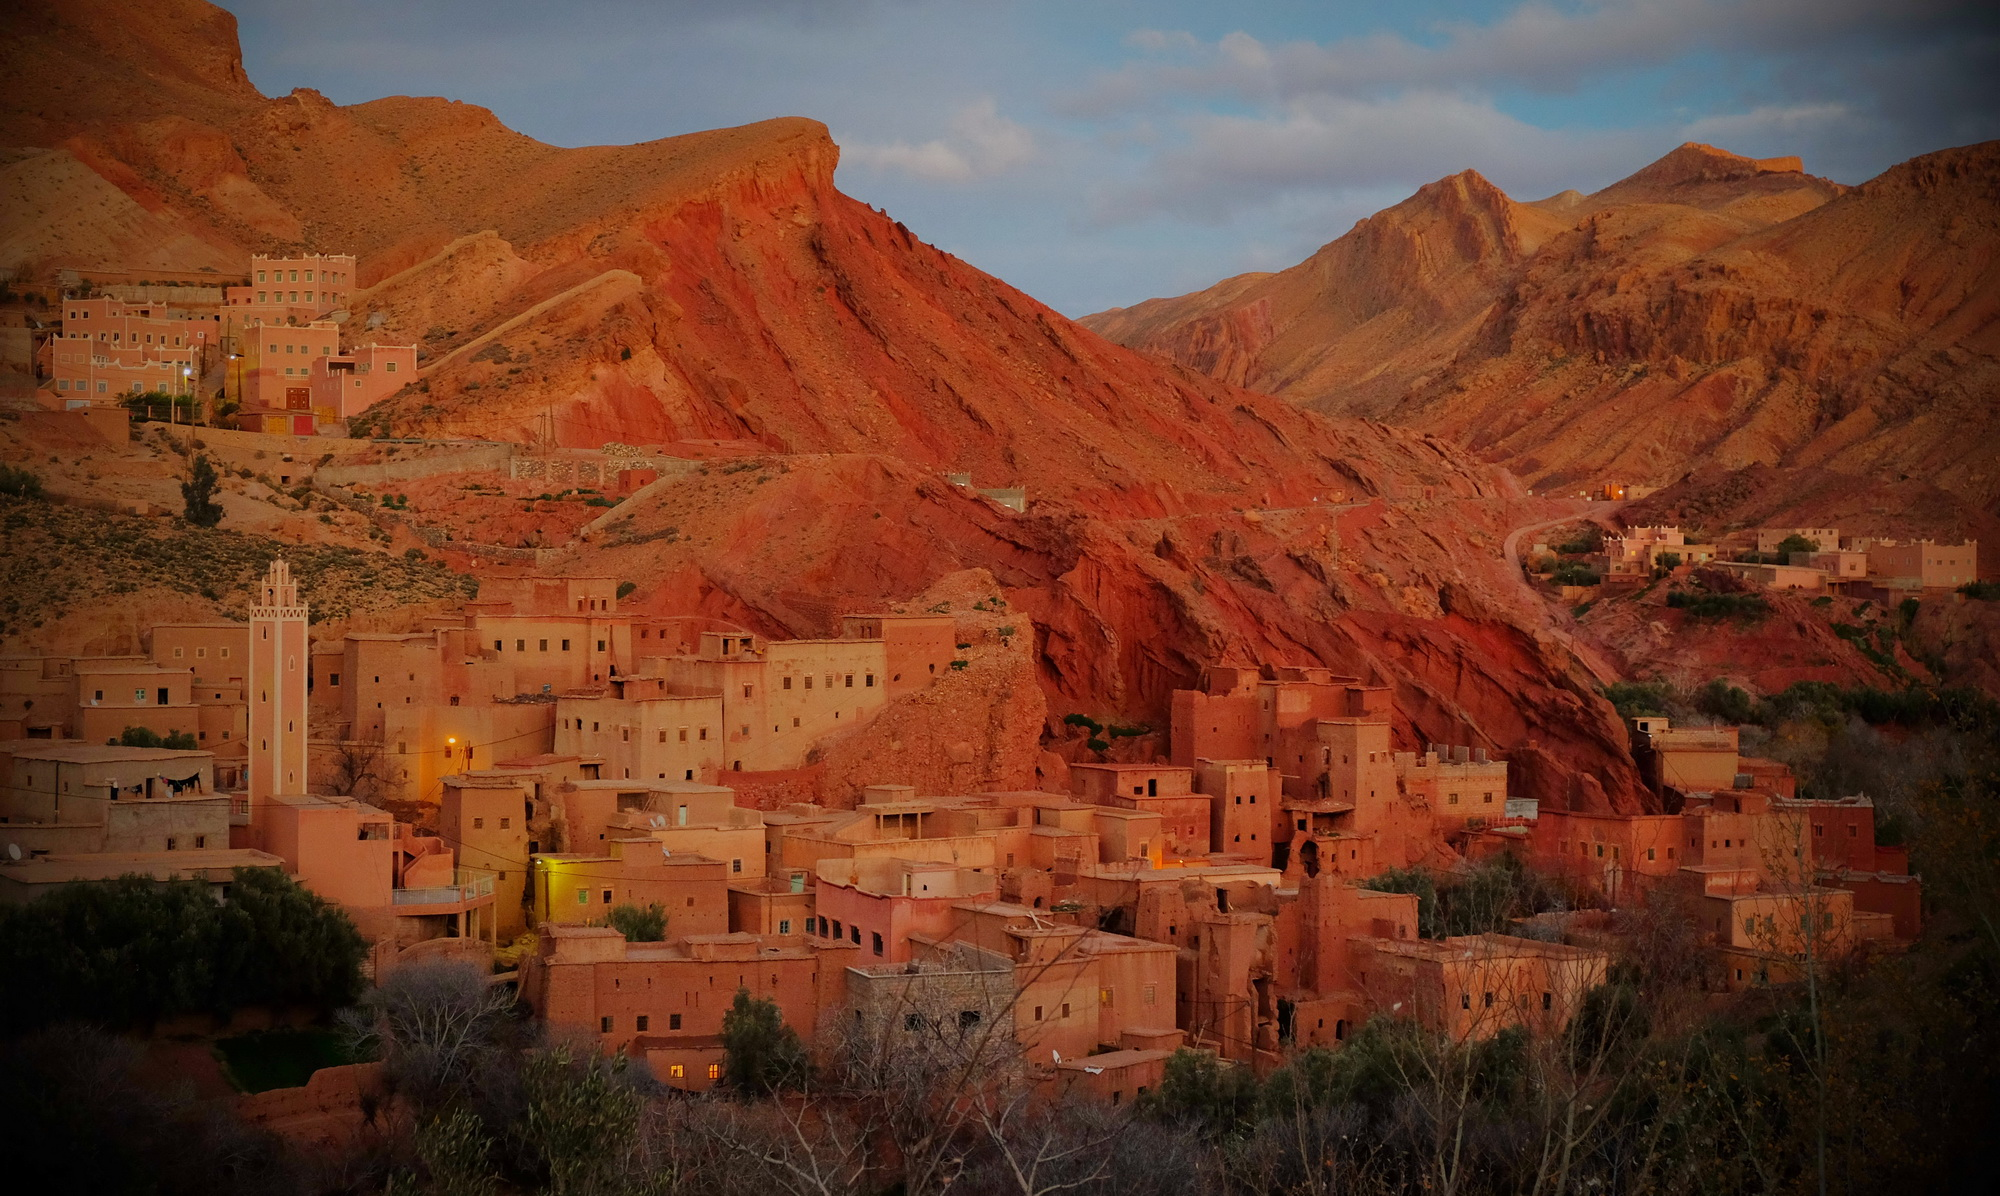 Marocco_DSCF1385_∏ Luca Bracali